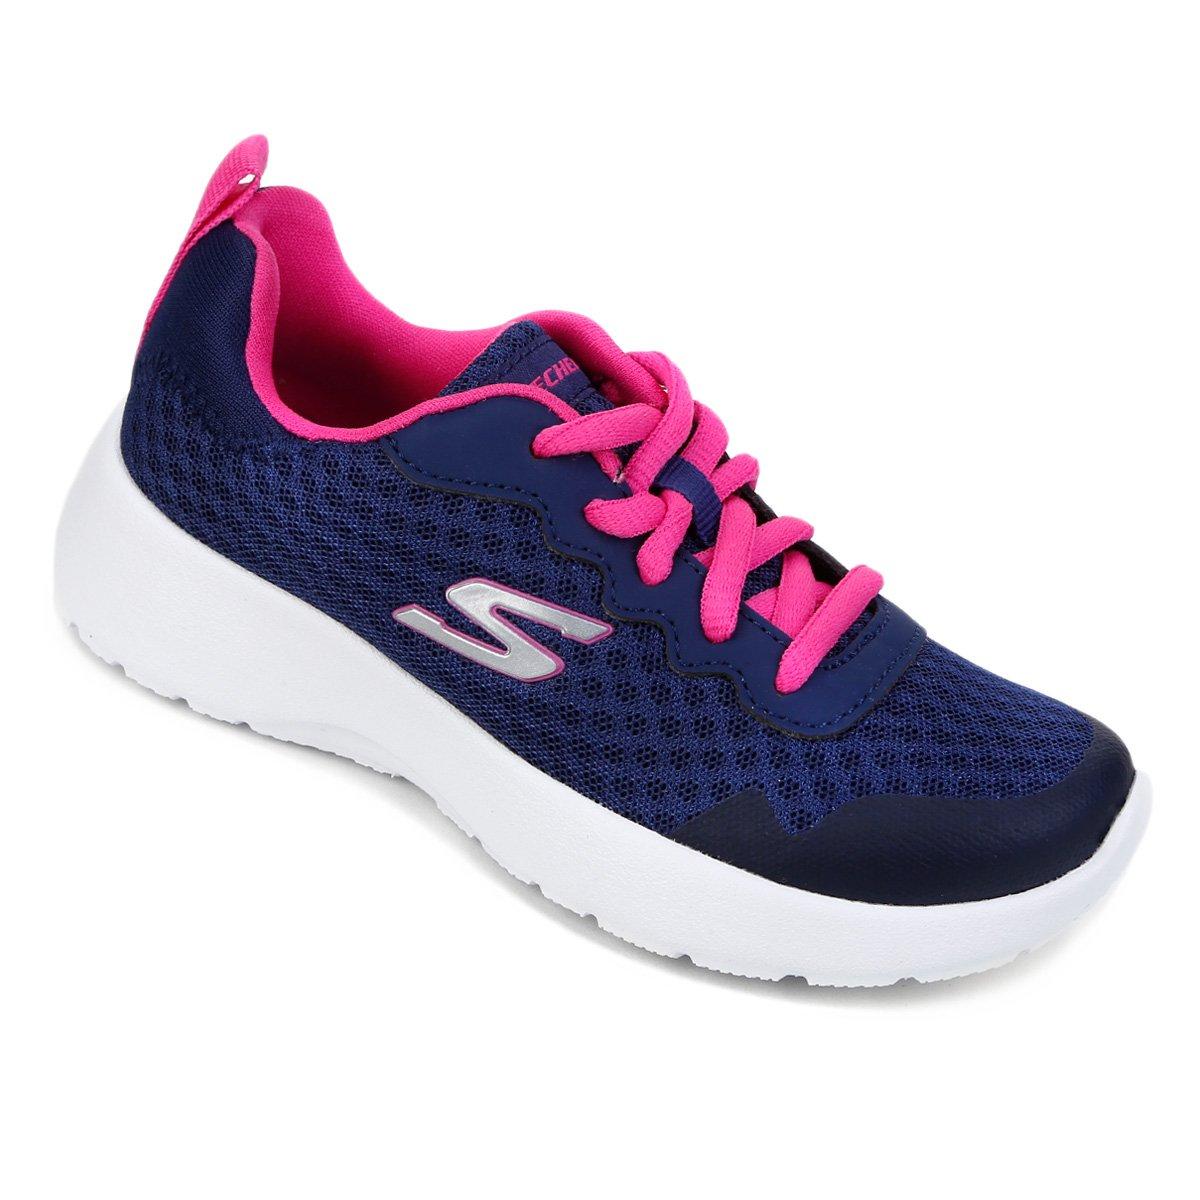 268a3d6c228 Tênis Infantil Skechers Dynamight Tempo Runner Feminino - Marinho e Pink -  Compre Agora